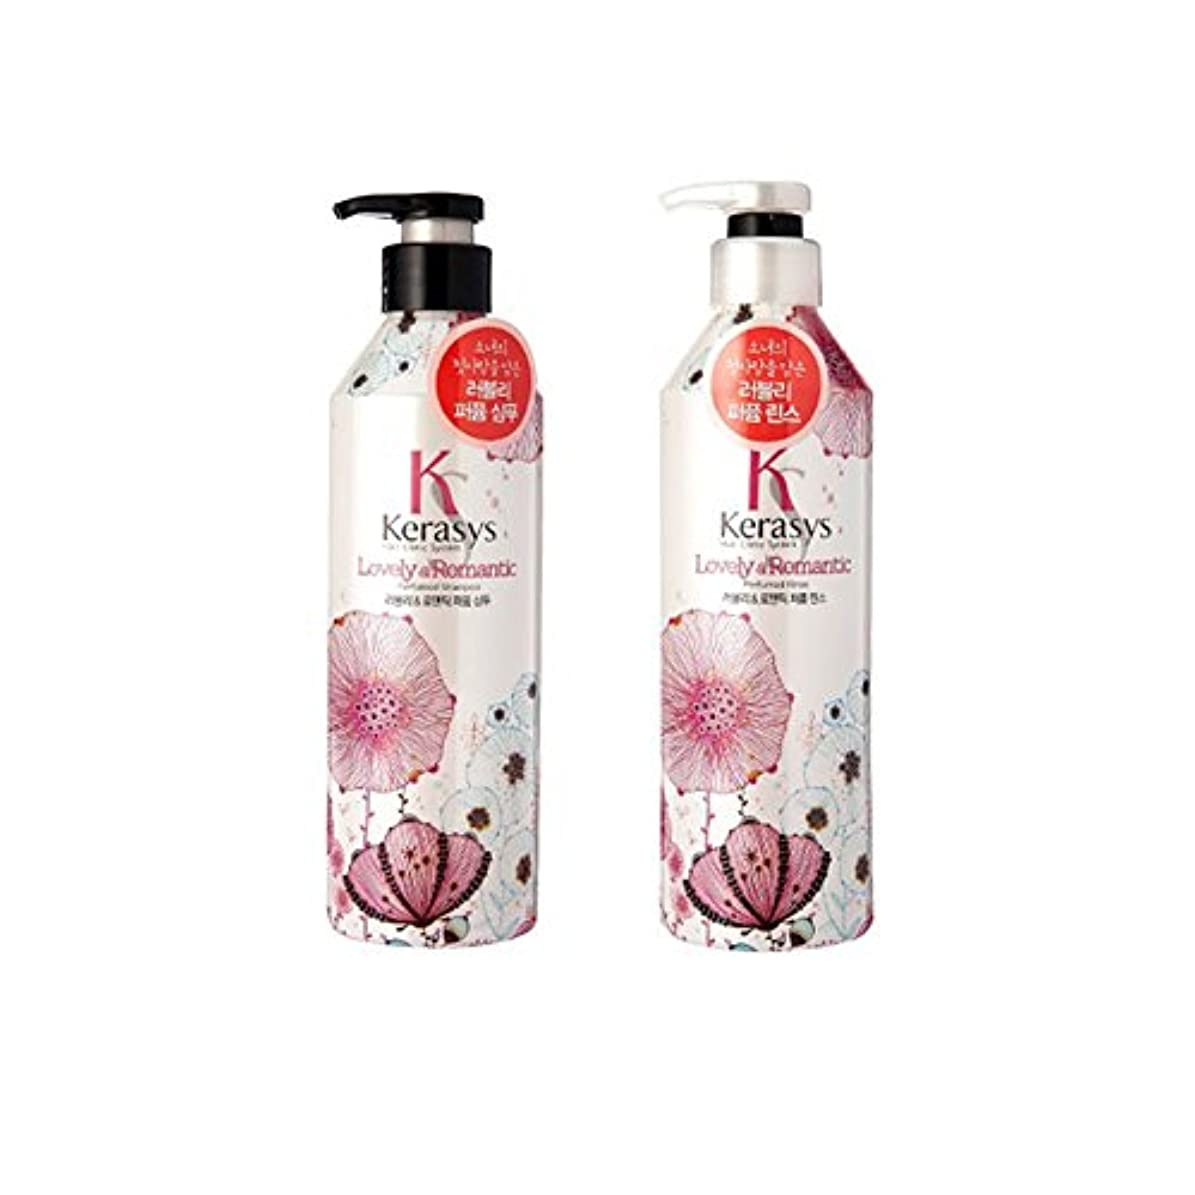 残る拡散するラバKerasys Shampoo and Conditioner シャンプー そして リンス(コンディショナー) それぞれ 600ml  (海外直送品) (Lovely Romantic)